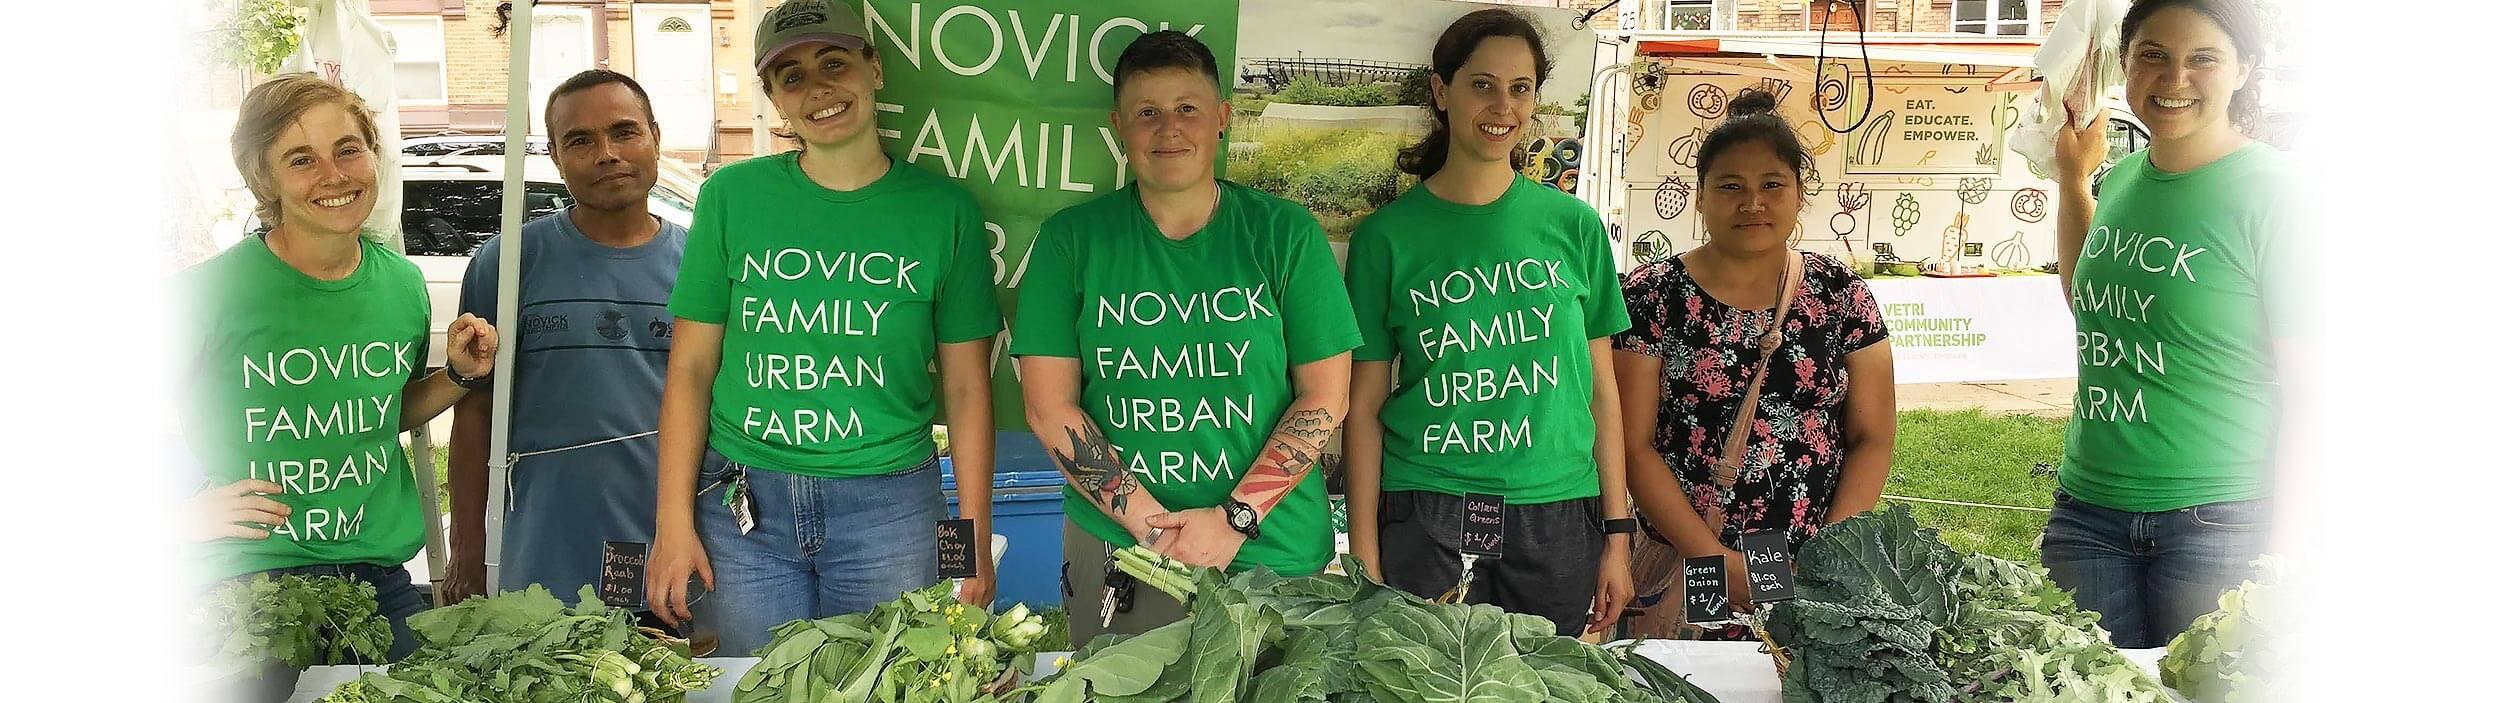 Farm in Philadelphia | Novick Urban Farm Team